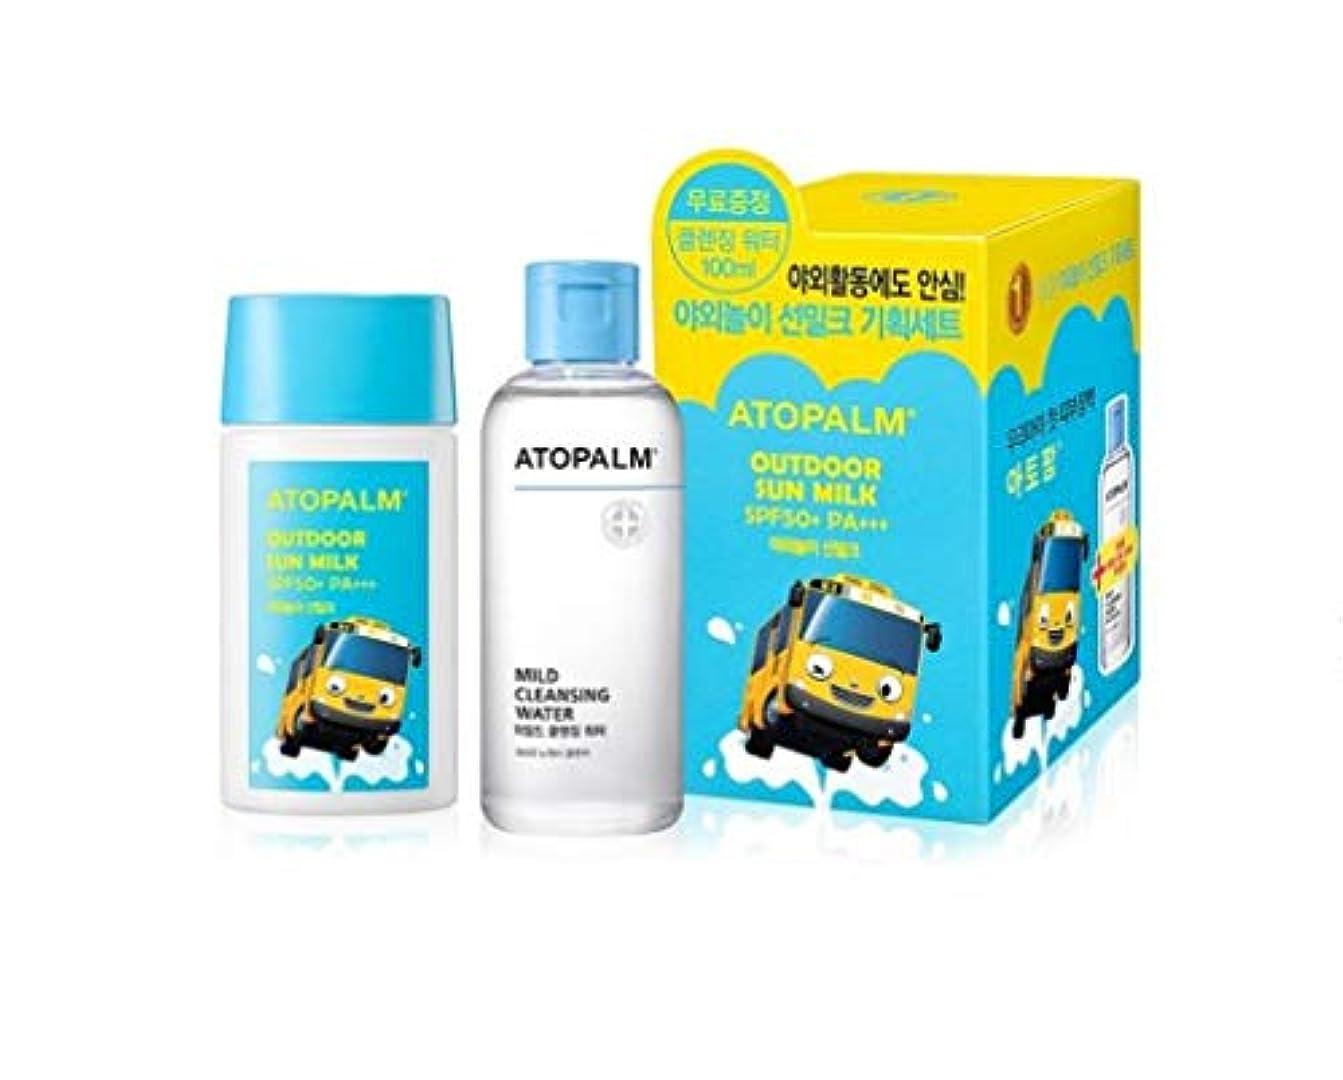 住む書く適用済みATOPALM OUTDOOR Sun Milk (EWG all green grade!)+ Cleansing Water100ml SPF50+ PA++++ 日焼け止めパーフェクトUVネック?手?足の甲?部分的...